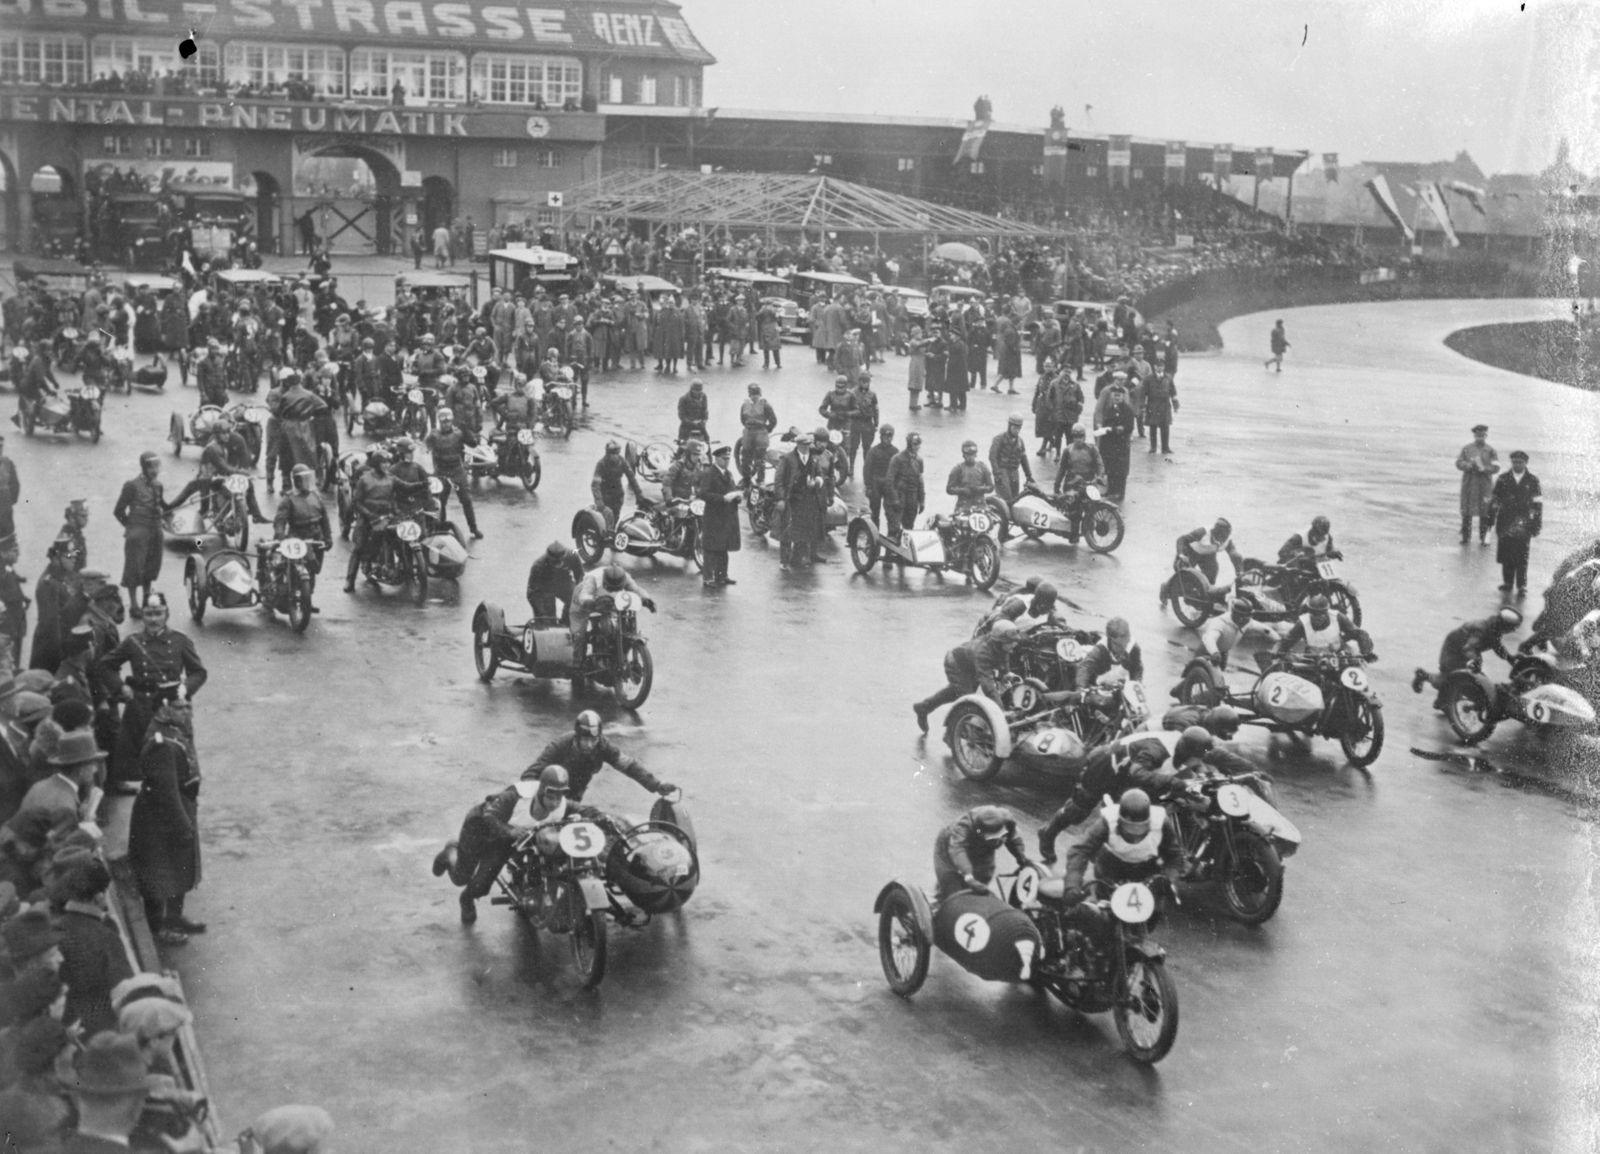 International motorcycle meet in Berlin The start of the international motorcycle race held at the